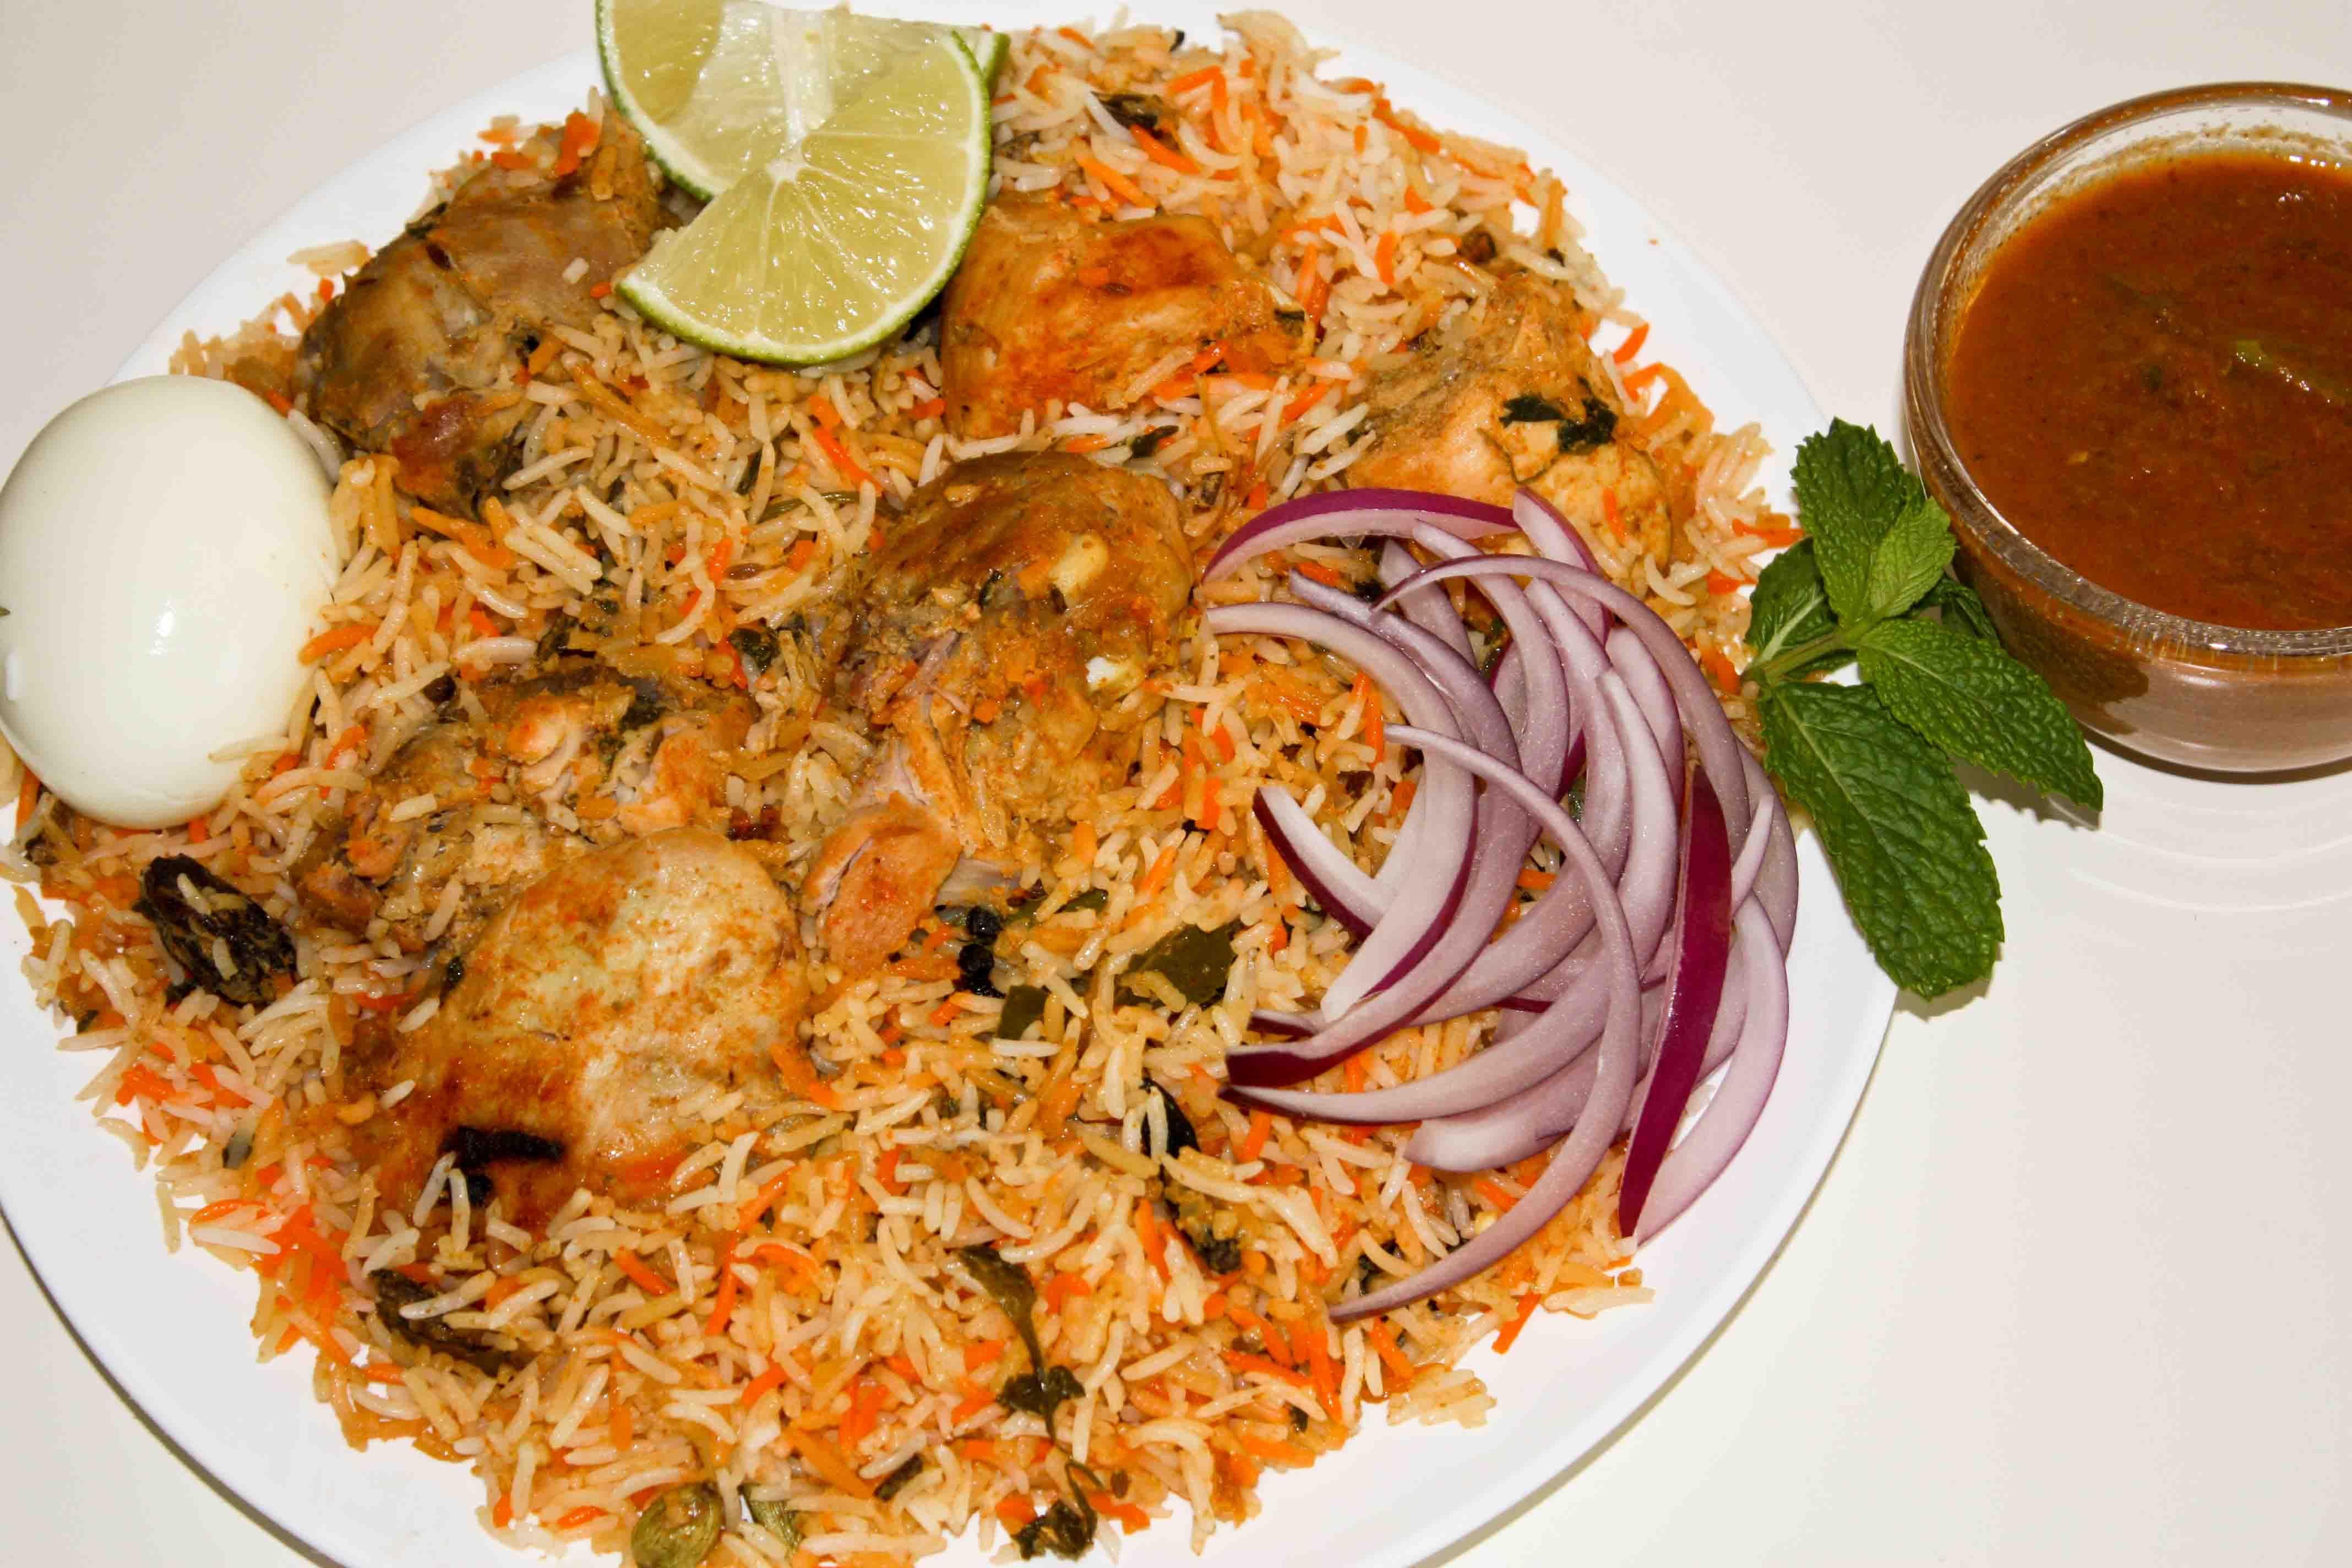 Deccani biryani a lip smacking simple biryani recipe from deccani food deccani biryani a lip smacking simple biryani recipe from forumfinder Image collections